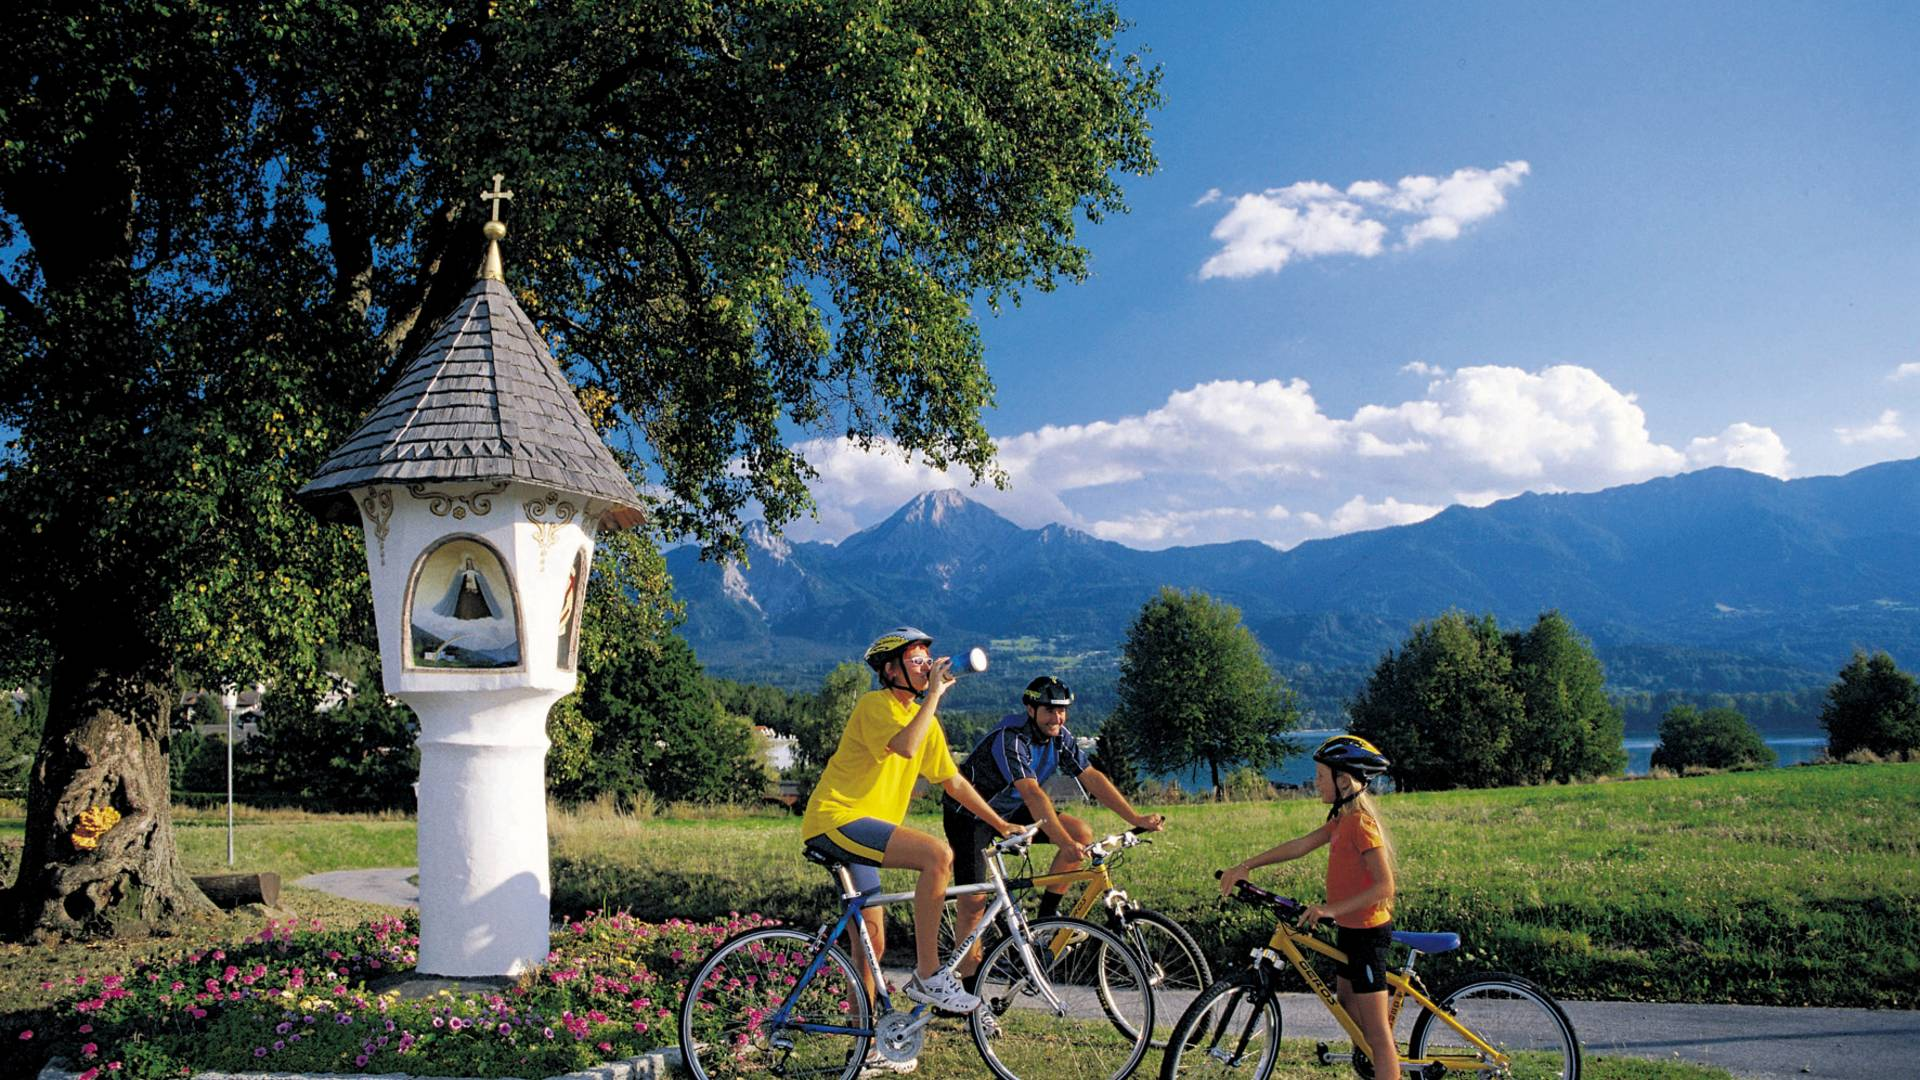 Familie beim Radfahren vor einem Bildstock